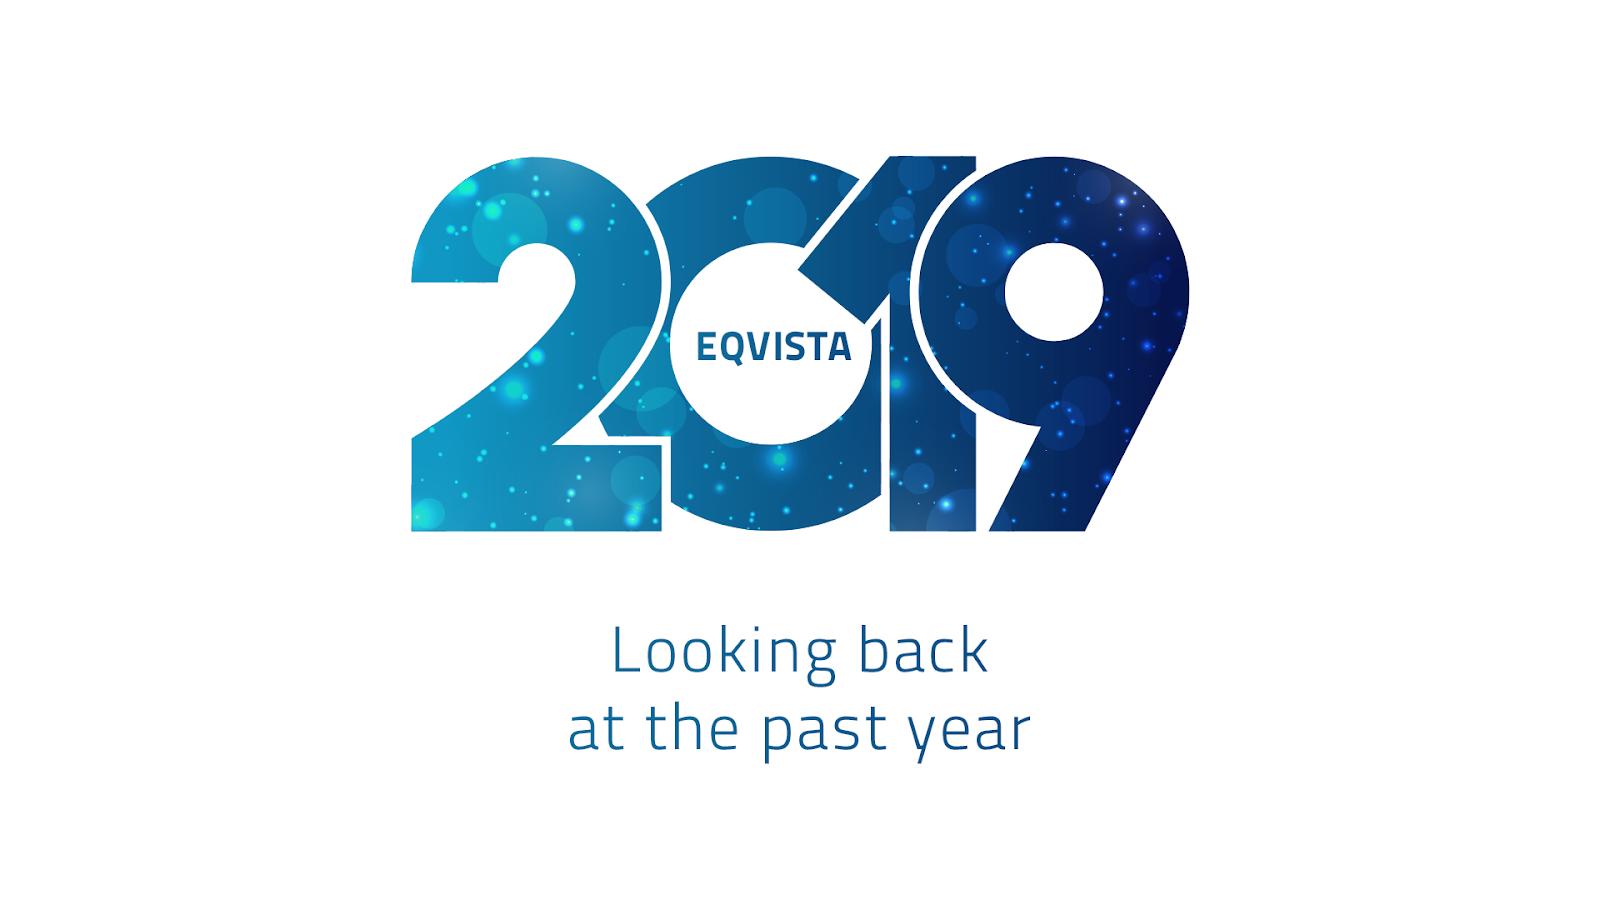 Eqvista 2019